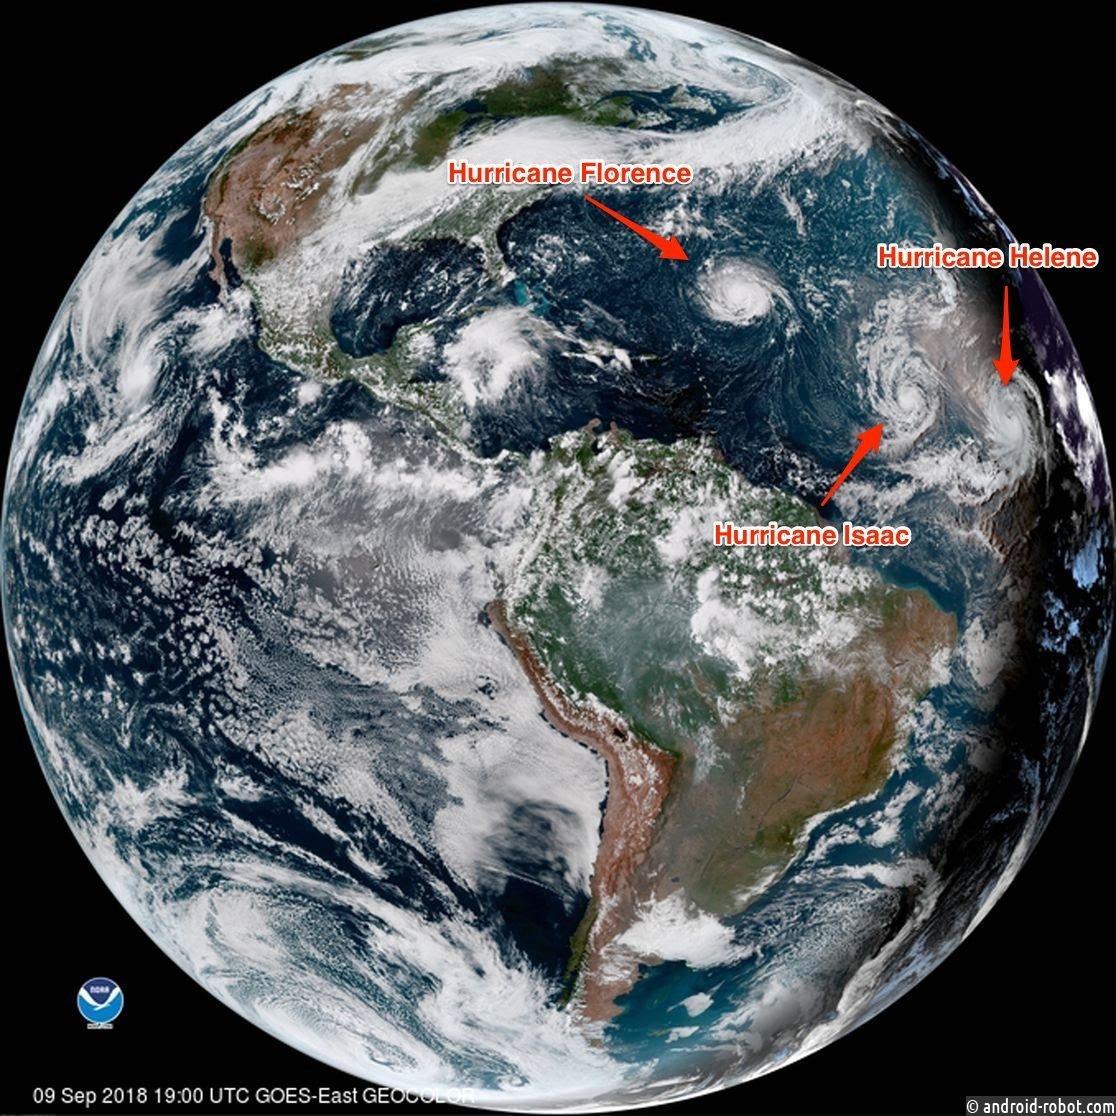 В Атлантическом океане образовалось сразу три урагана